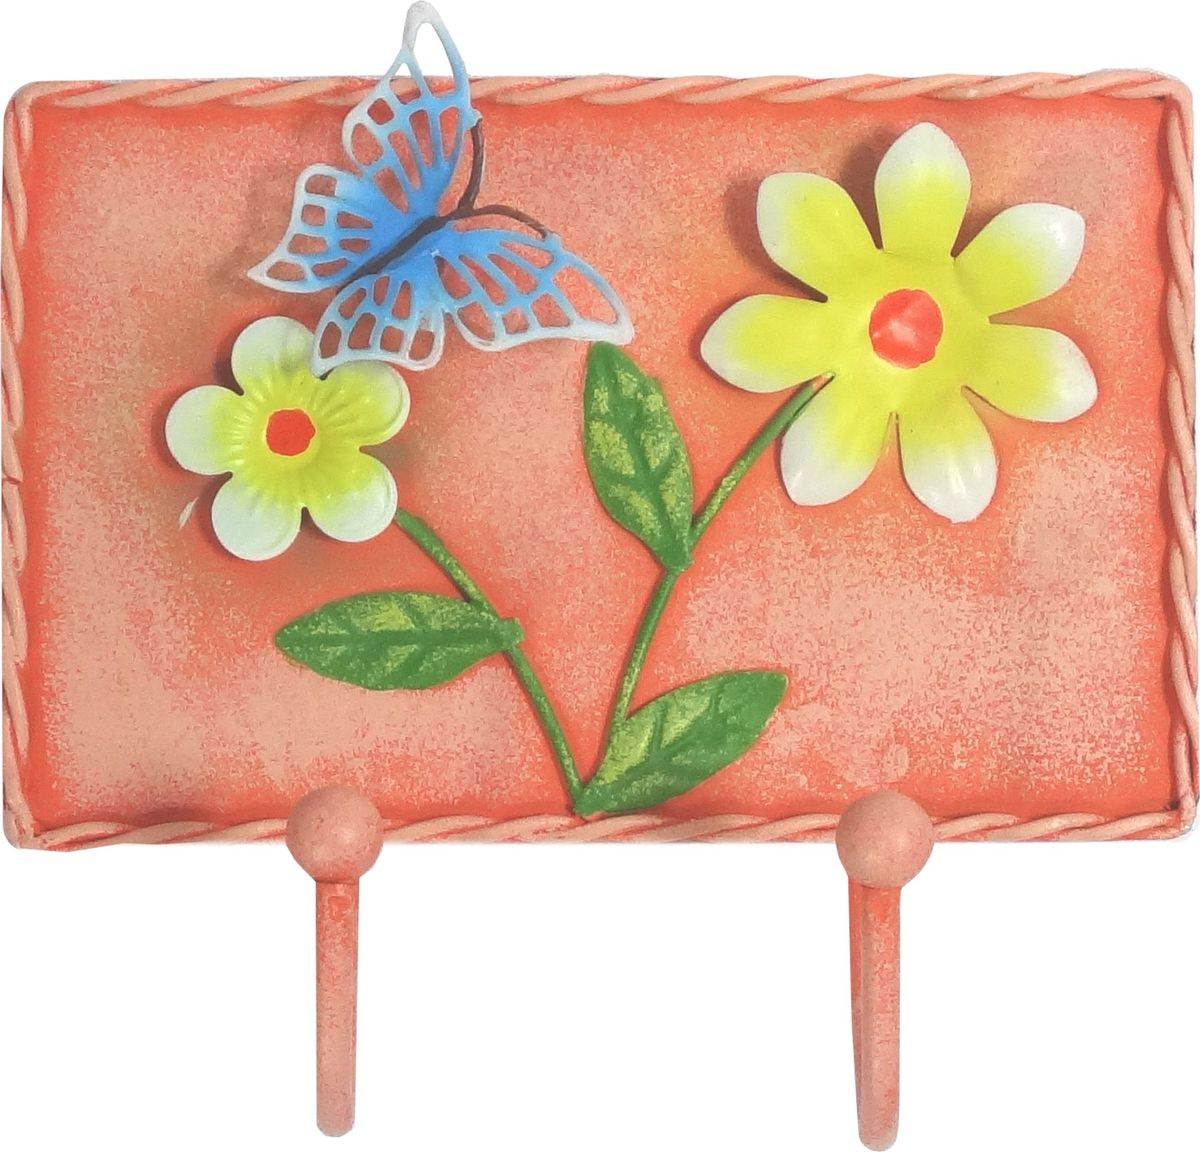 Вешалка-крючок Magic Home, двойной, цвет: оранжевый. 438861004900000360Вешалка-крючок Розовая (13,8х12,5см). Крючки настенные изготовлены из жести и оформлены красочным изображением. Вешалка имеет 2 крючка. Это изделие больше, чем просто крючки, это оригинальное интерьерное решение, которое задает настроение и стиль. Изделие не боится повседневной эксплуатации и будет служить долго.